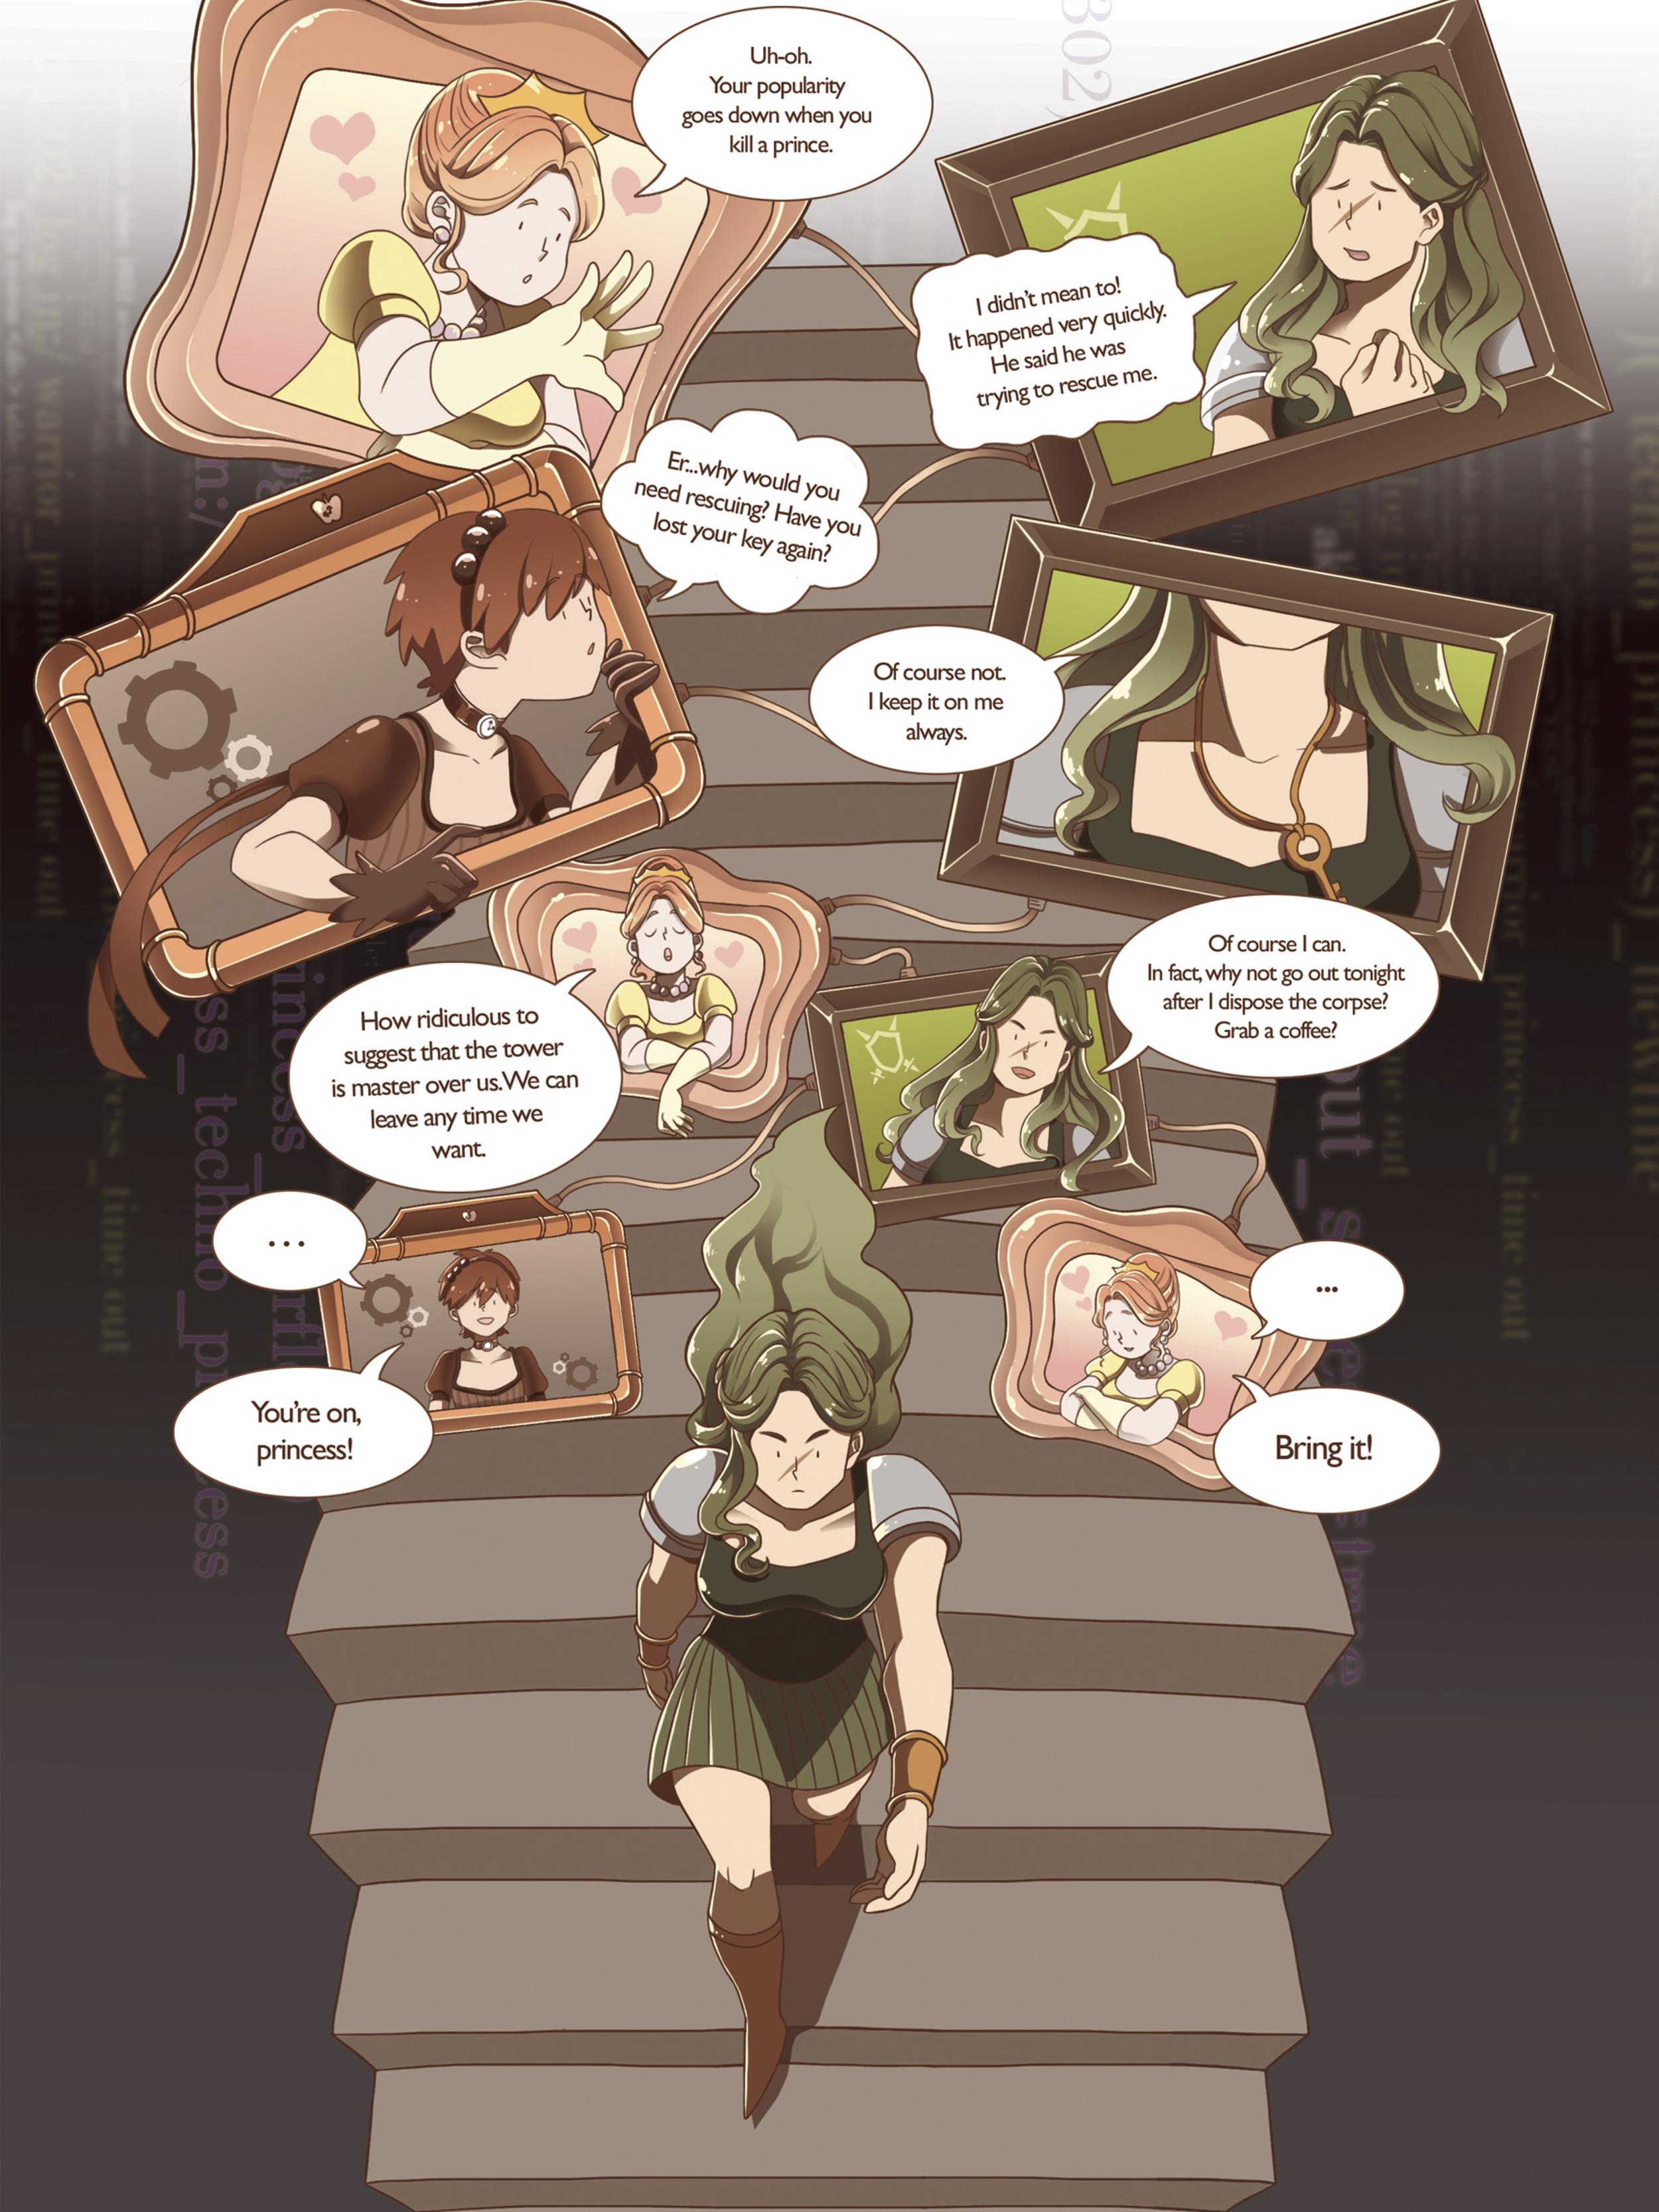 The Princess and the Tower_story marianna shek_art eun jung ku.jpg